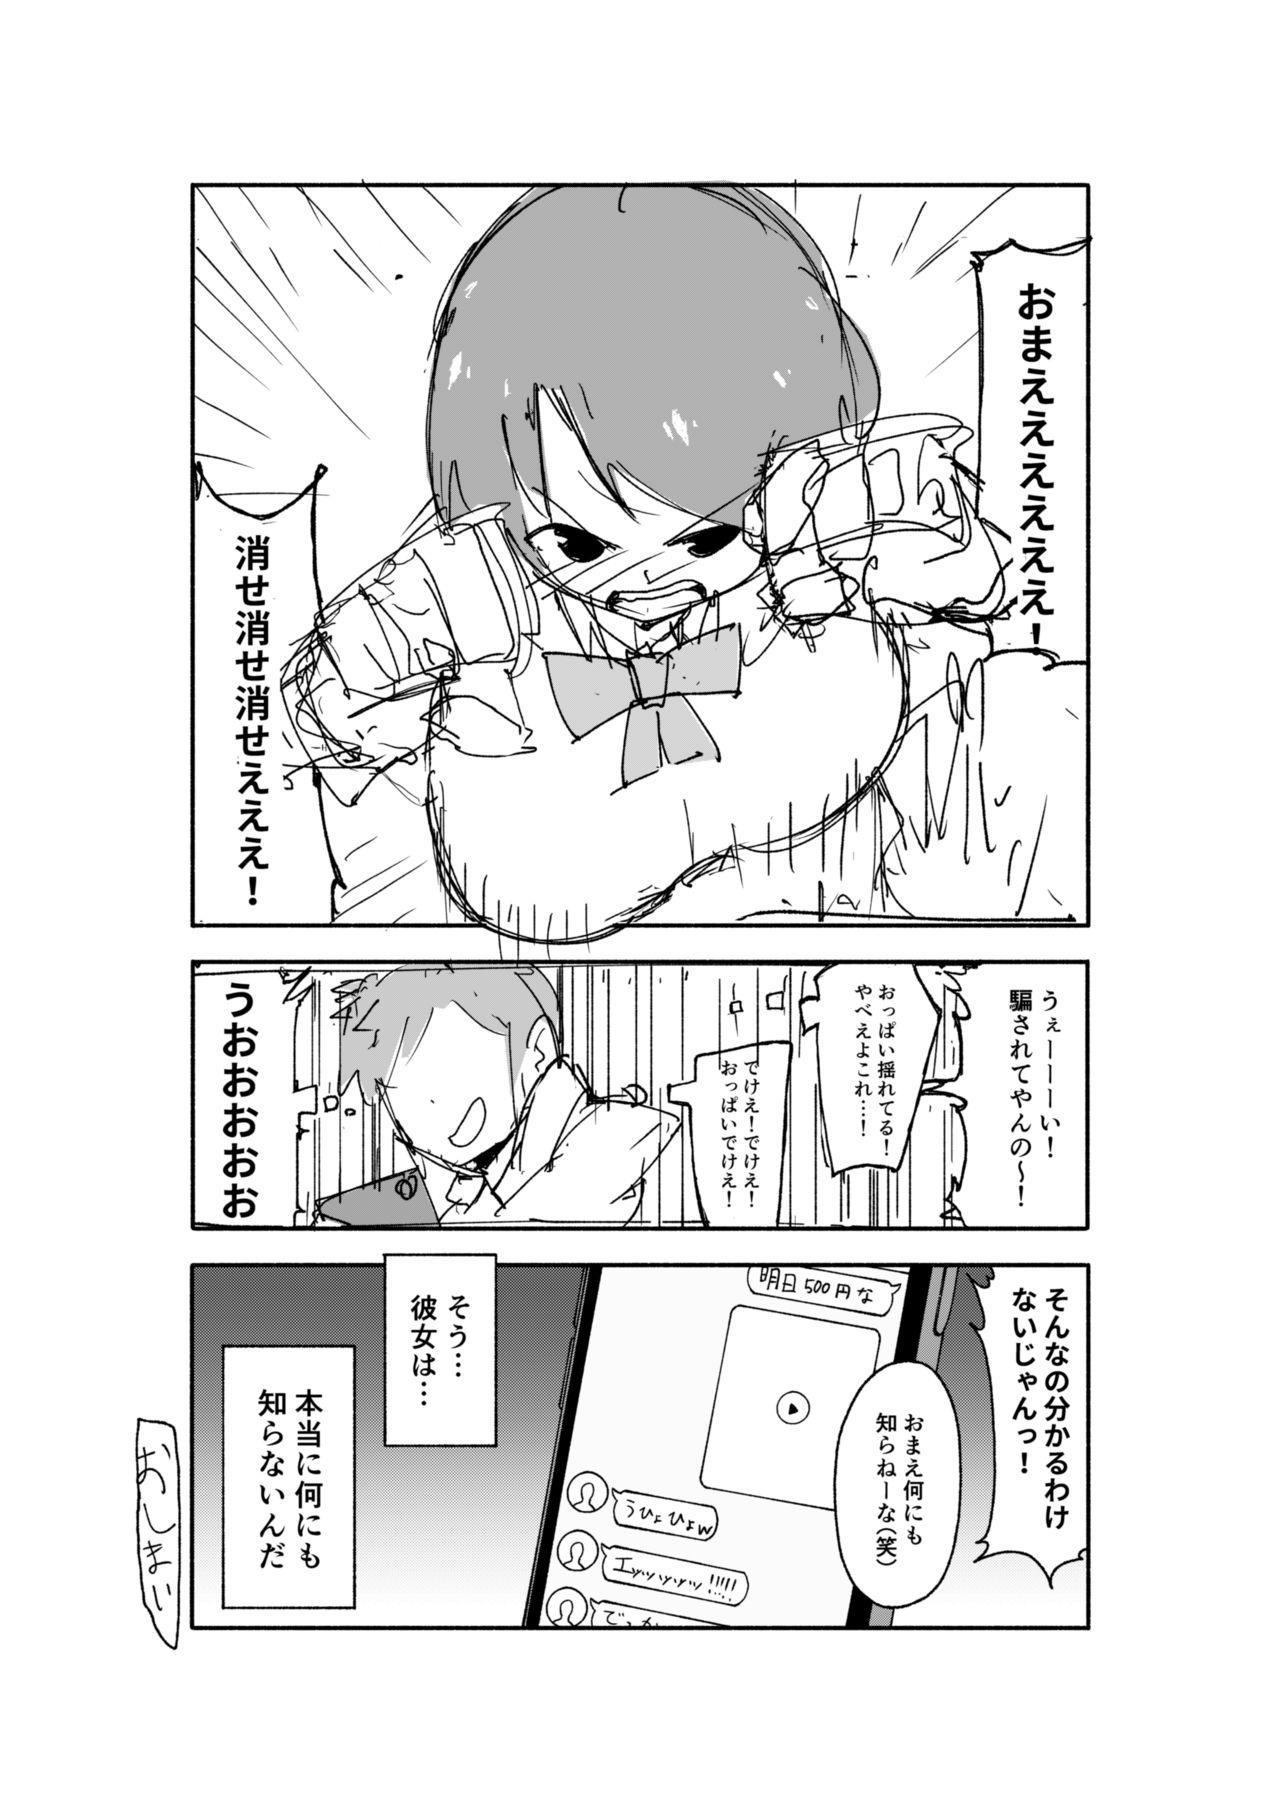 Saeki-san kansatsu nikki 16